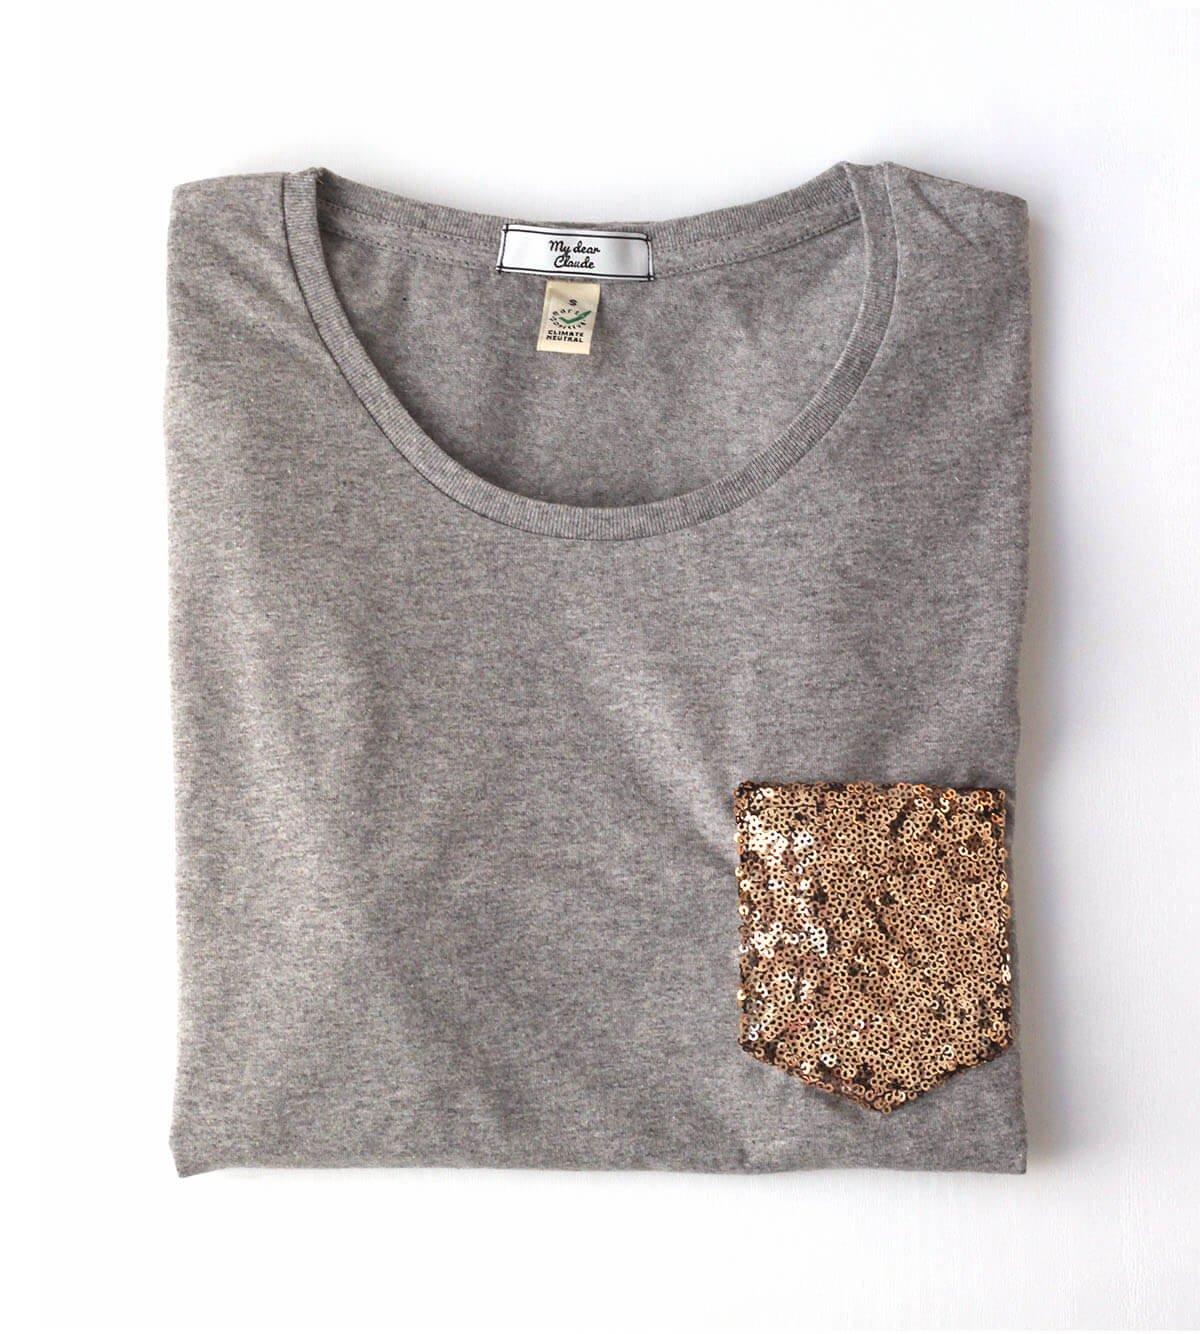 t-shirt gris chiné coton bio avec poche à paillettes dorées